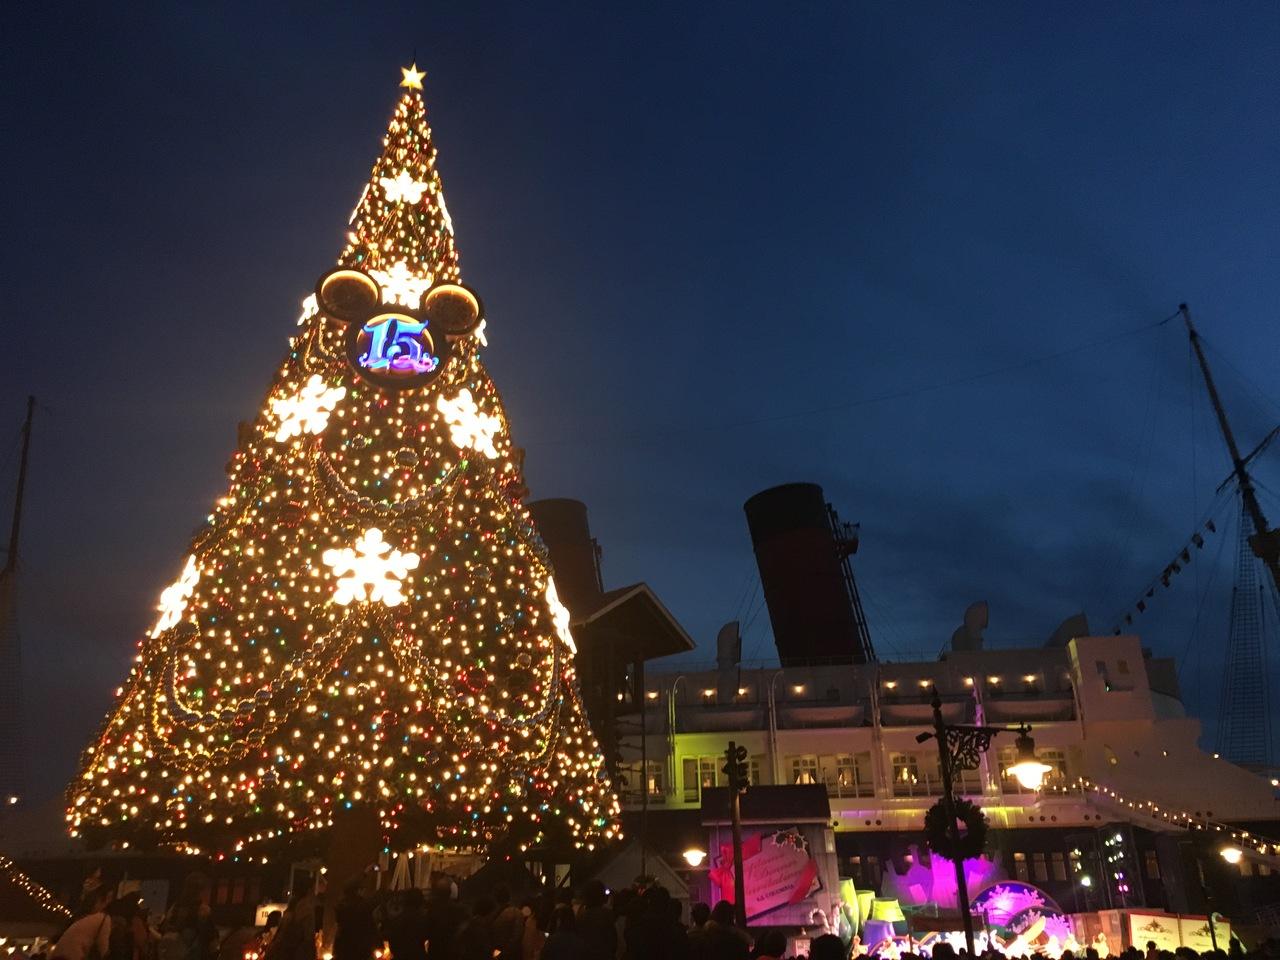 クリスマスディズニー☆1日目☆』東京ディズニーリゾート(千葉県)の旅行